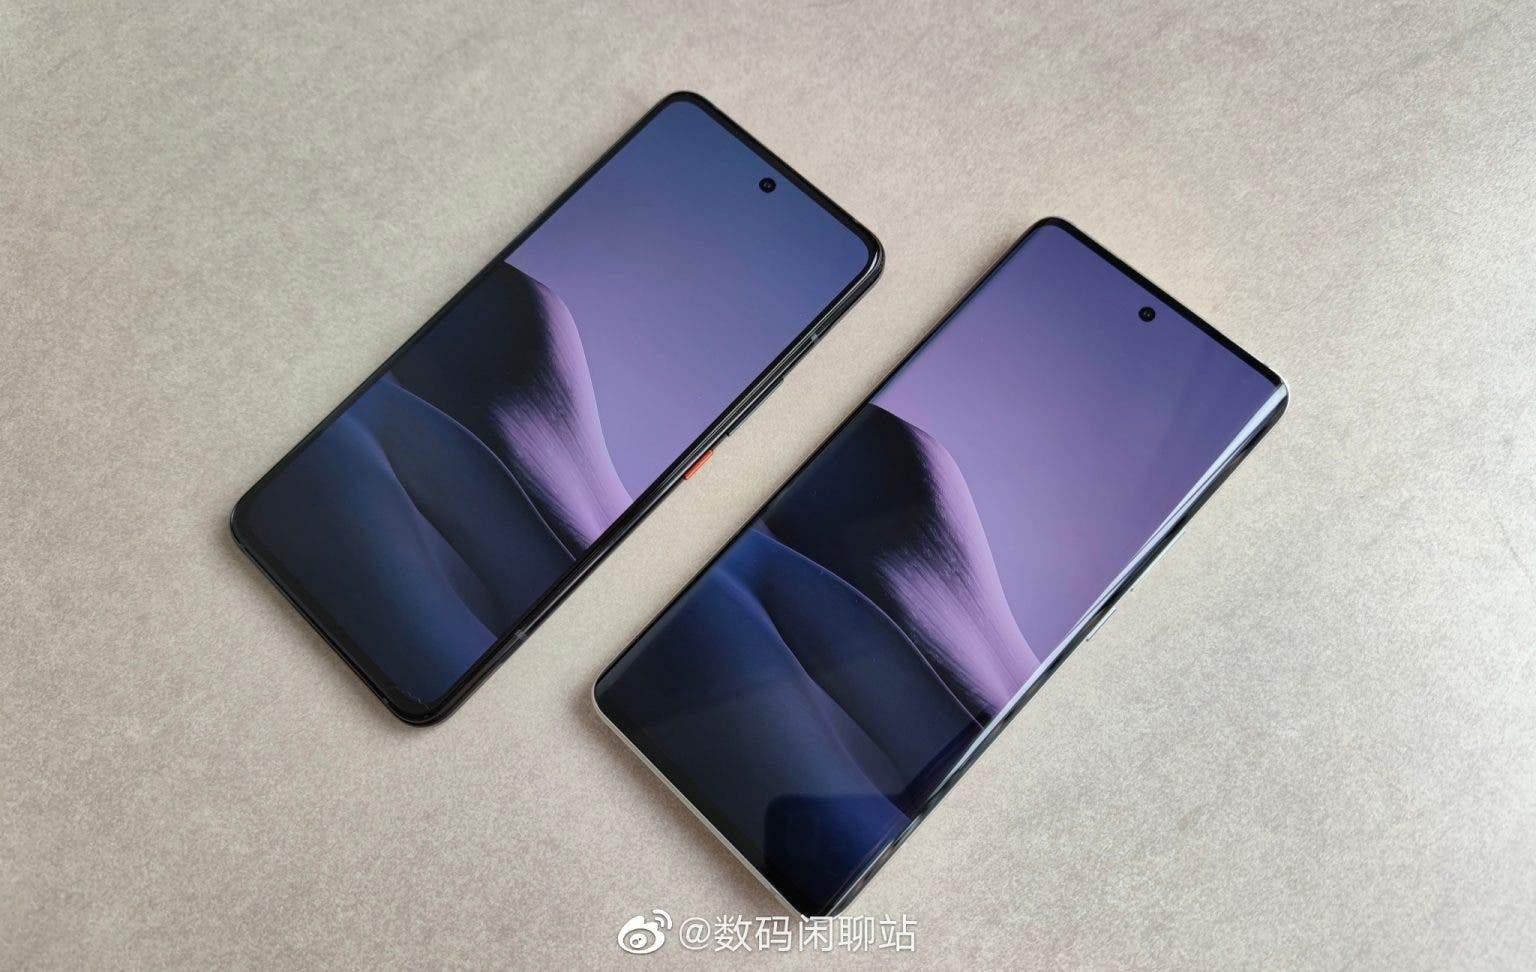 В сеть слили первую фотографию грядущих Xiaomi Mi 11 и Mi 11 Pro (EmhTtOgWEAErtu1 1536x972 1)